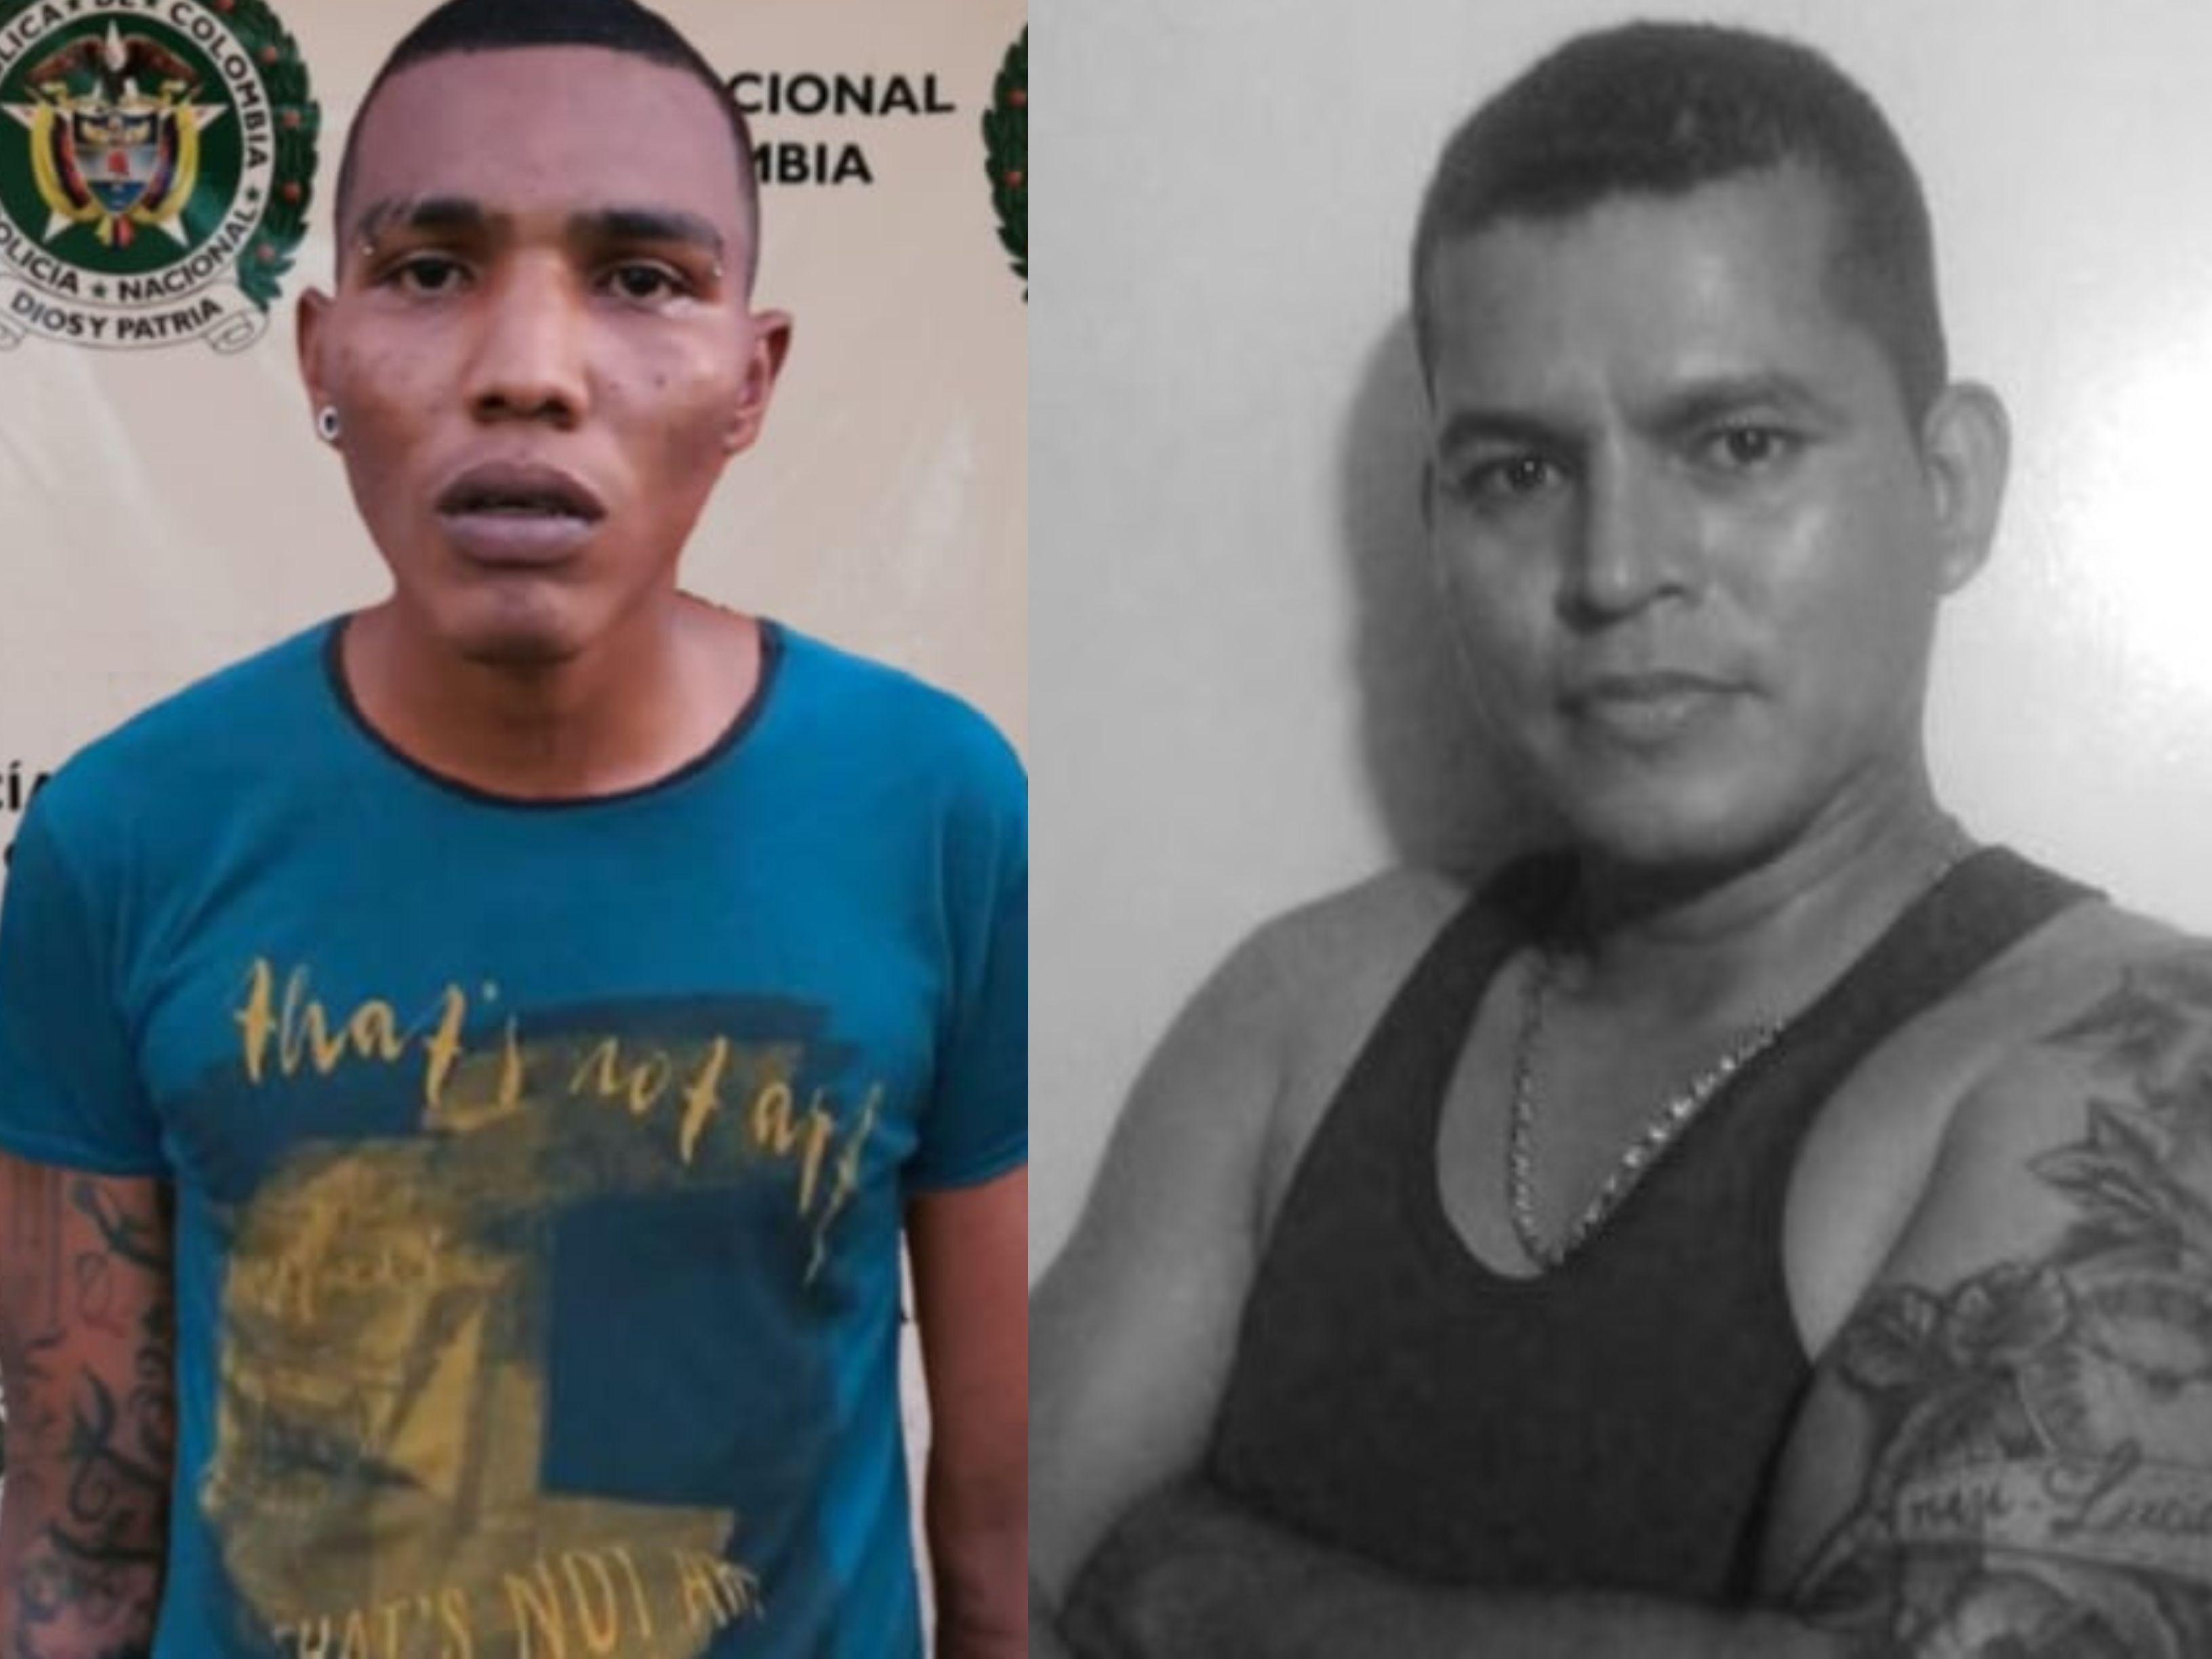 Condenado a 114 meses por asesinar a Rusbell Piñeros en Neiva